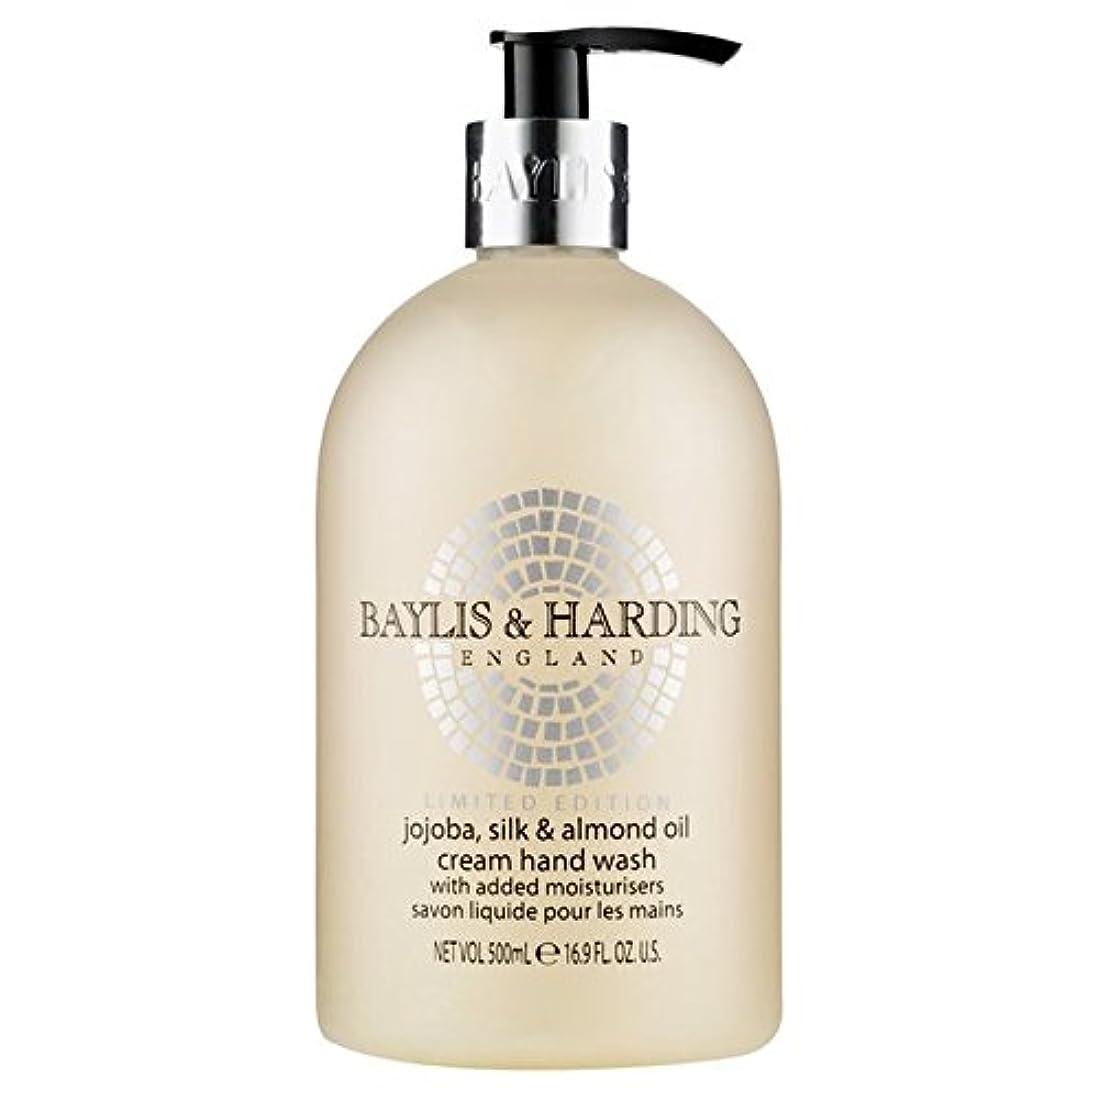 忘れっぽい宇宙飛行士聖書Baylis & Harding Jojoba, Silk & Almond Oil Hand Wash 500ml (Pack of 6) - ベイリス&ハーディングホホバ、シルク&アーモンドオイルハンドウォッシュ500...